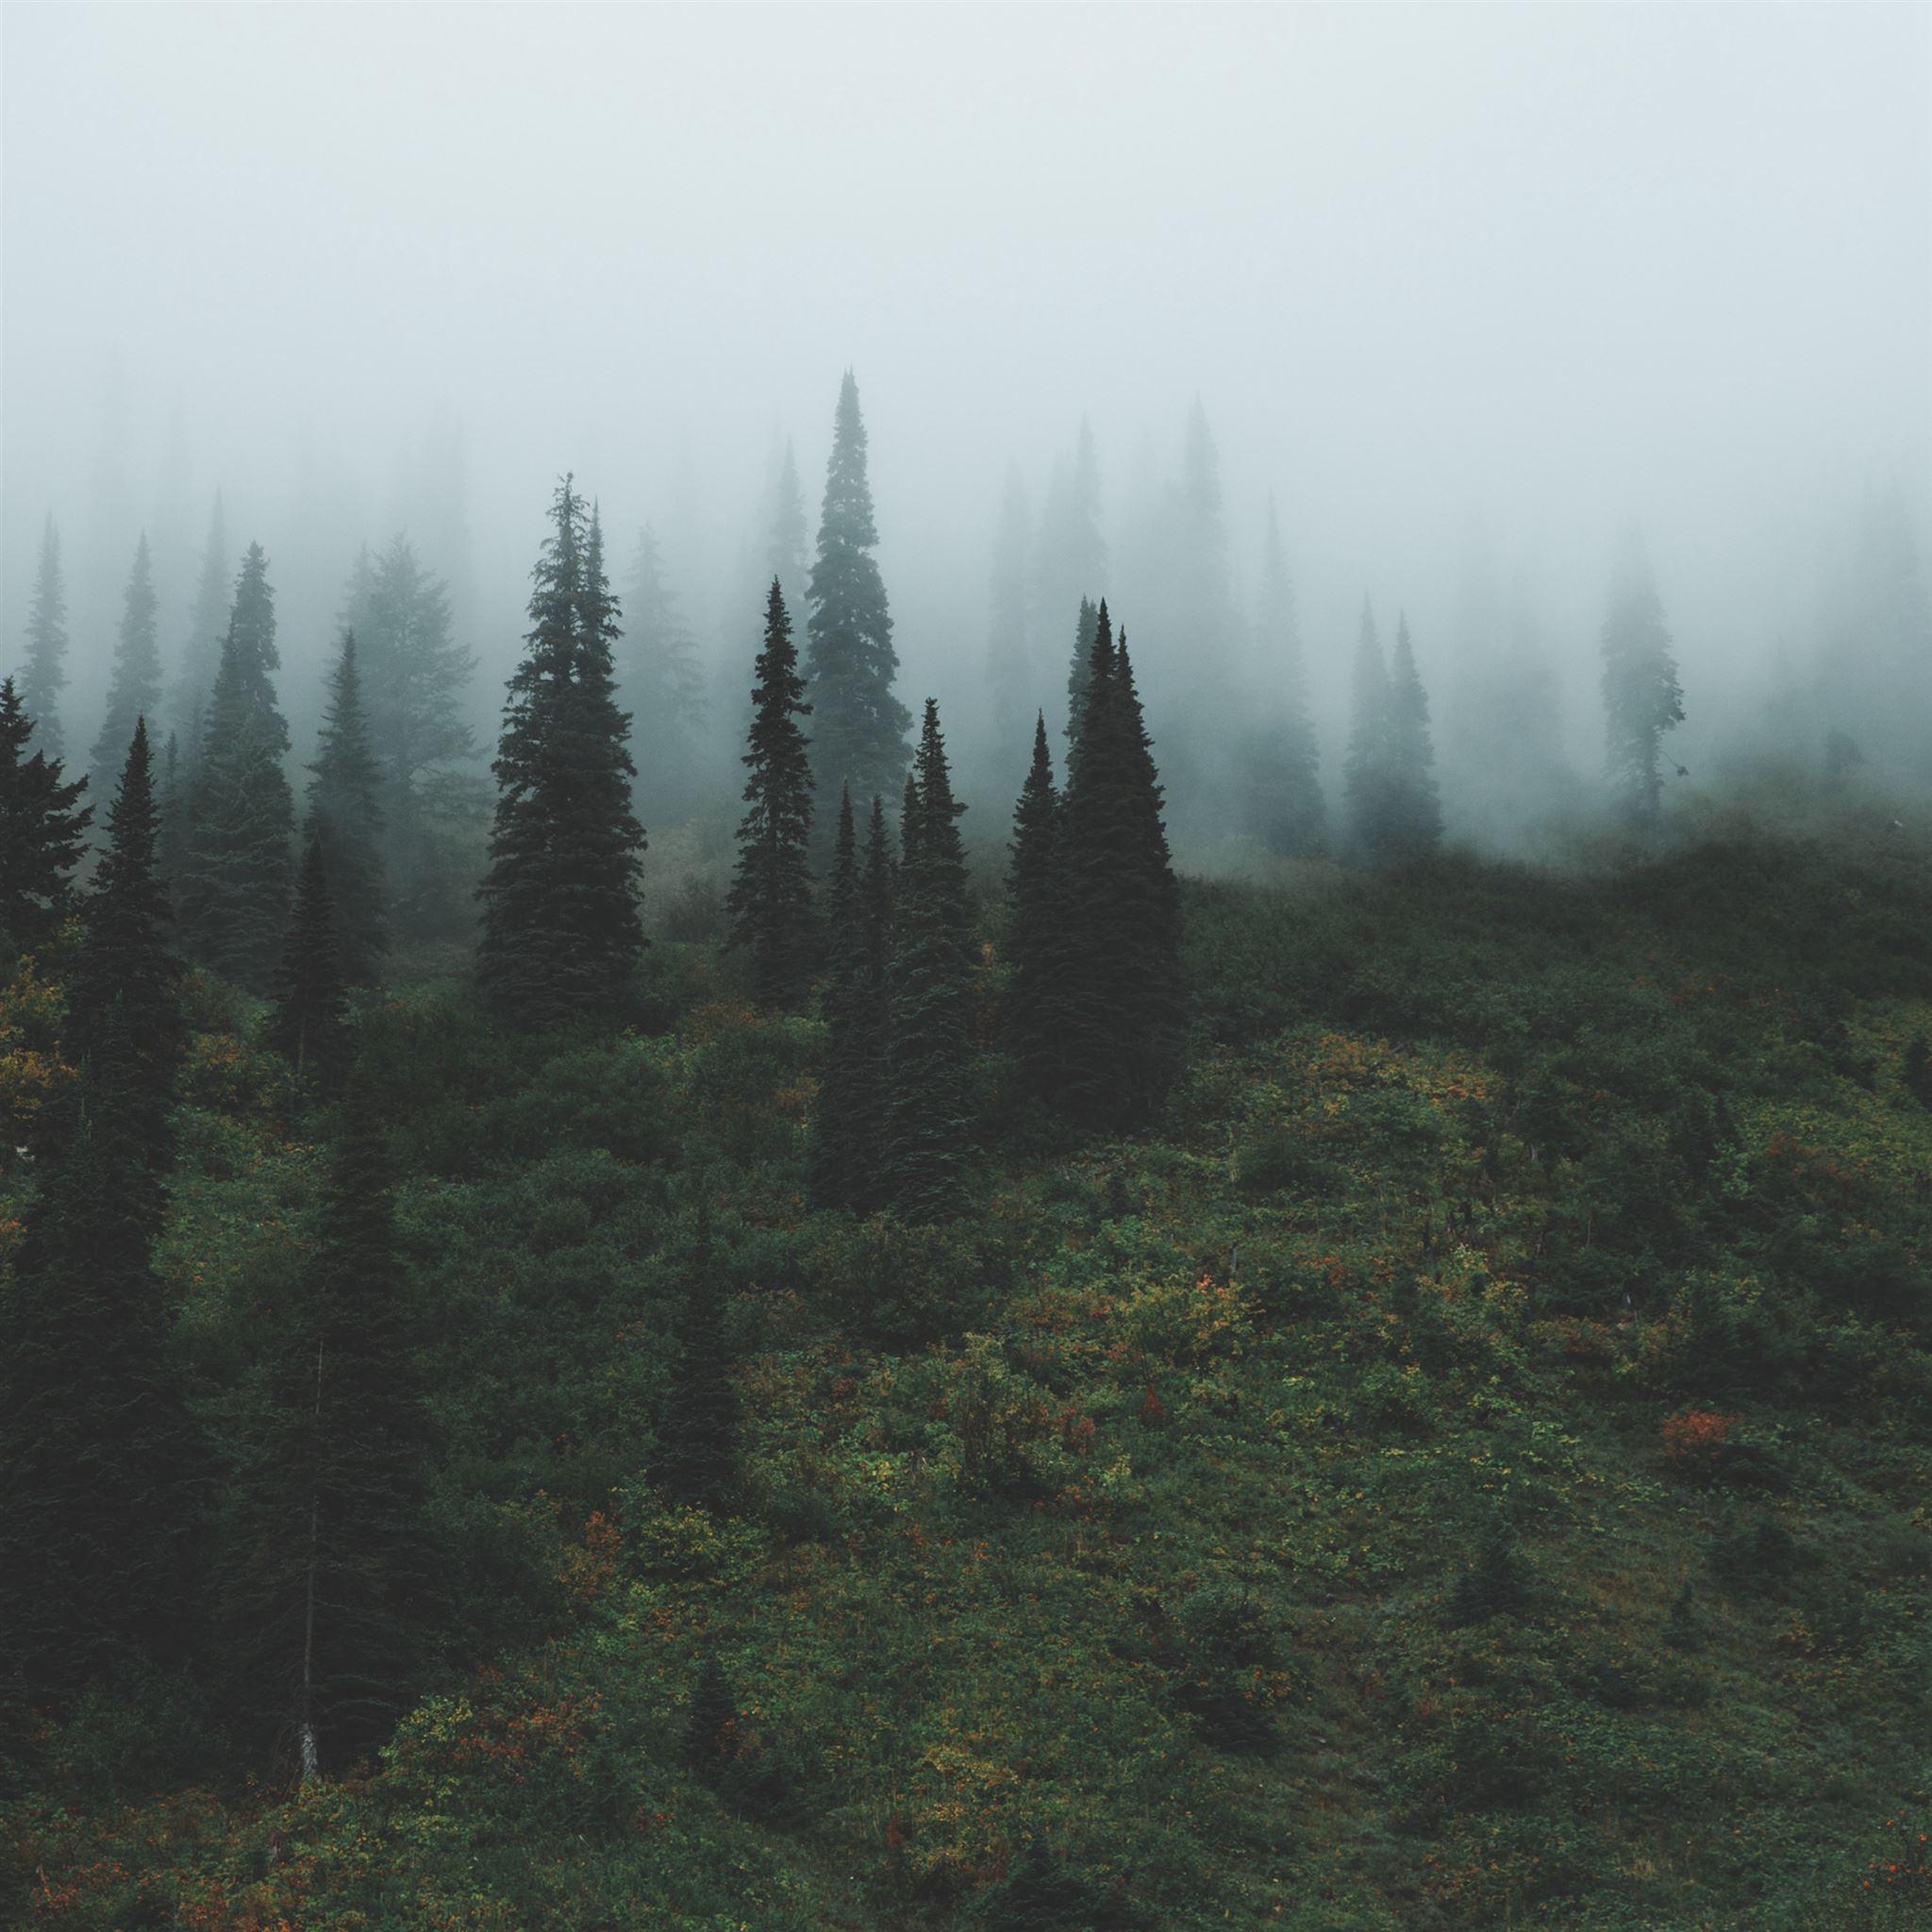 Trees Grass Fog iPad Pro wallpaper